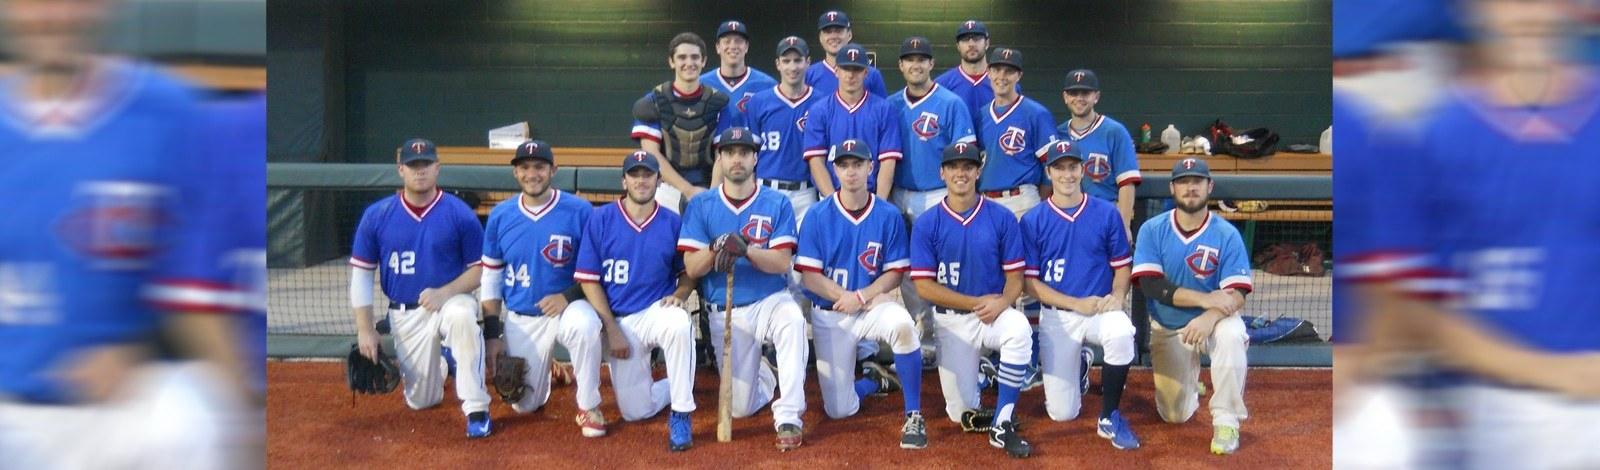 adult league Boston baseball